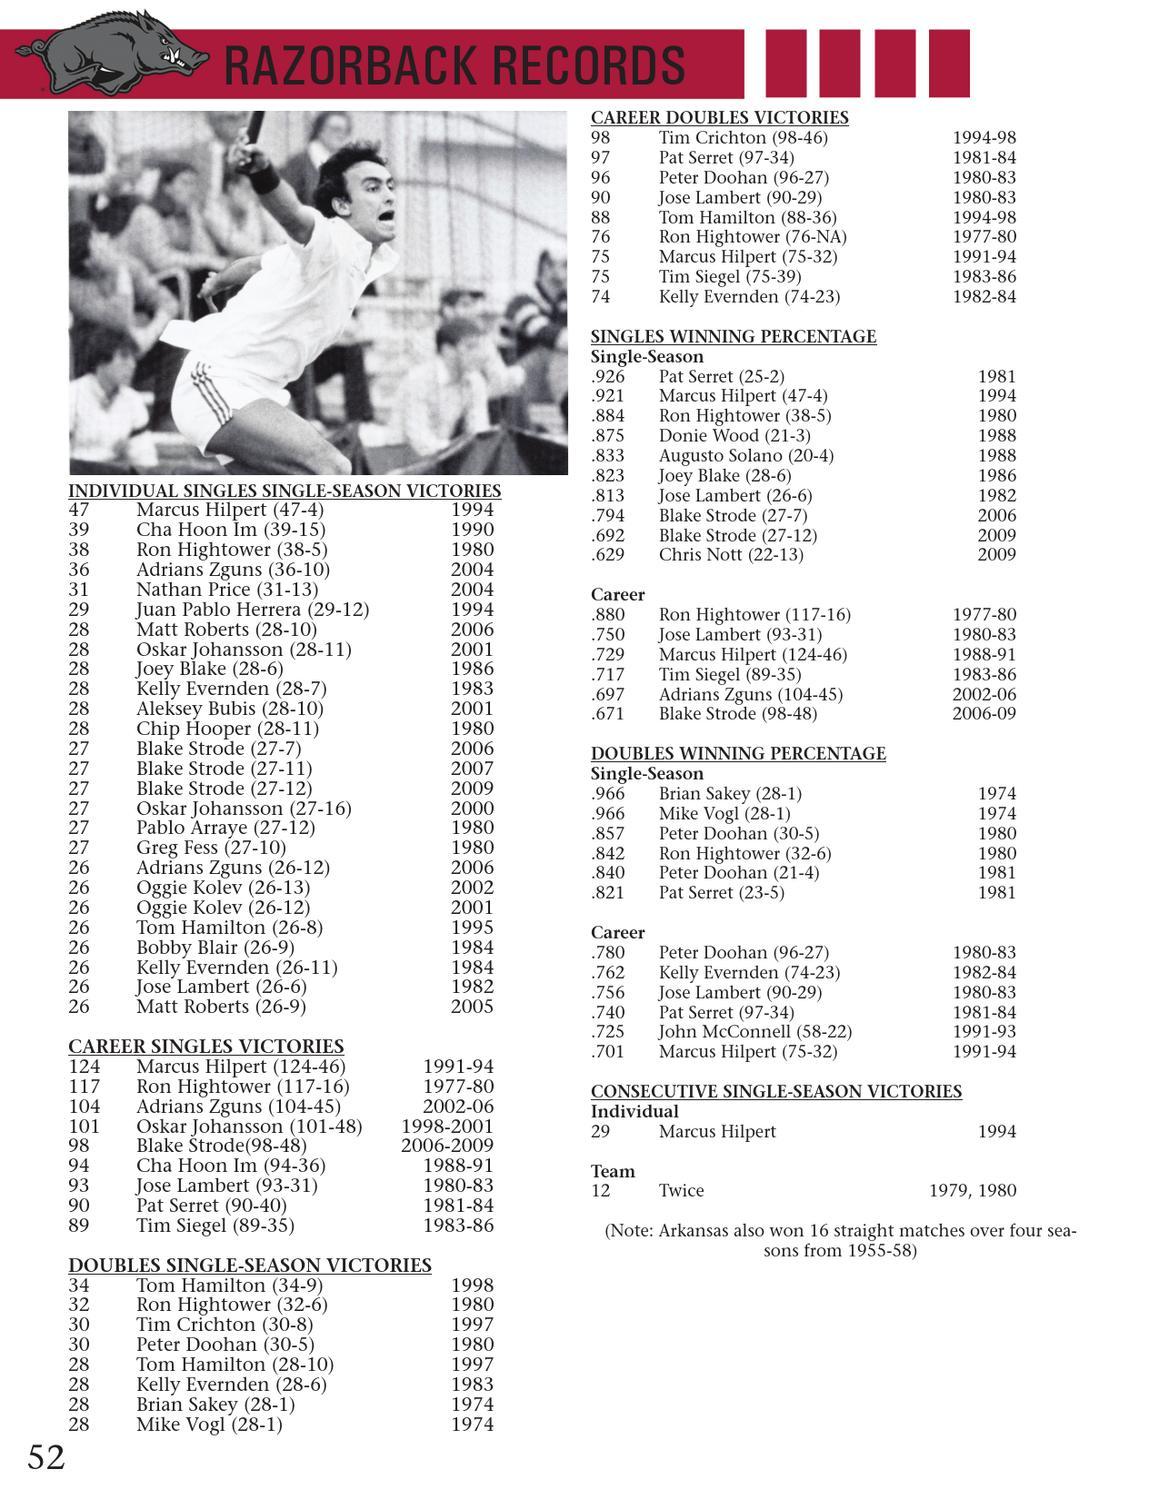 2013 Arkansas Men's Tennis Media Guide by University of